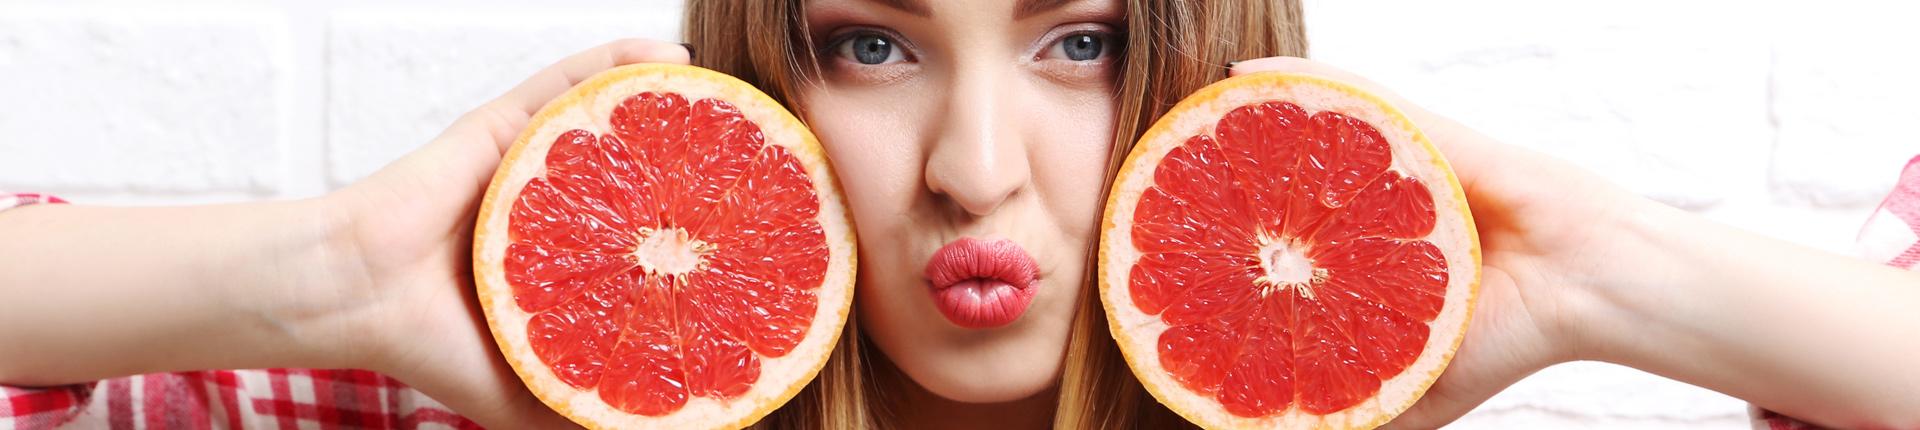 5 owoców, które warto włączyć do diety